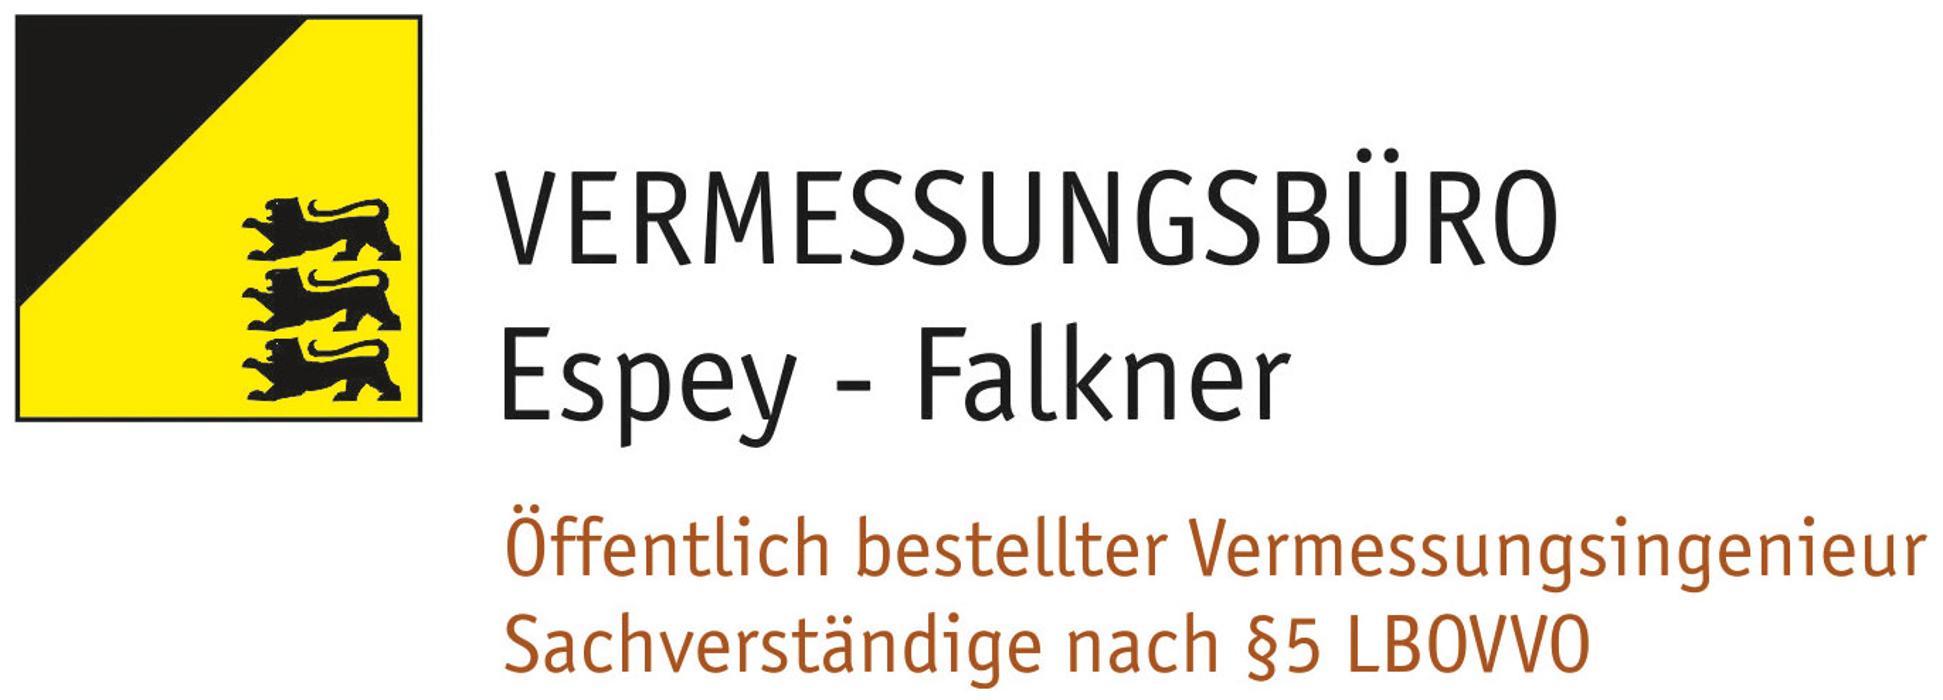 Bild zu Vermessungsbüro Espey-Falkner in Leinfelden Echterdingen